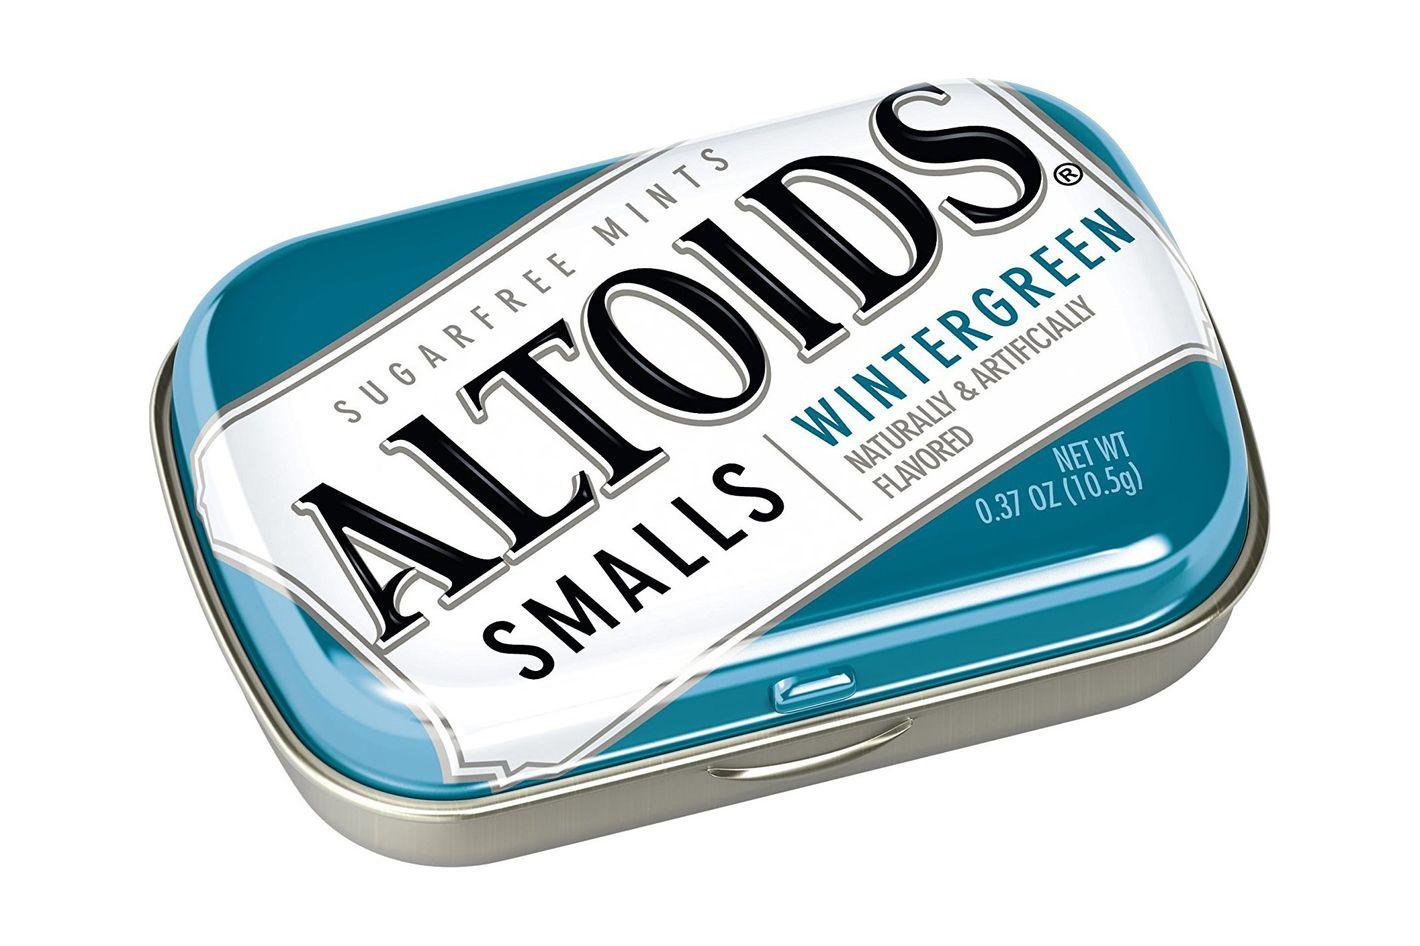 Altoids Smalls Wintergreen Sugarfree Mints, Pack of 9